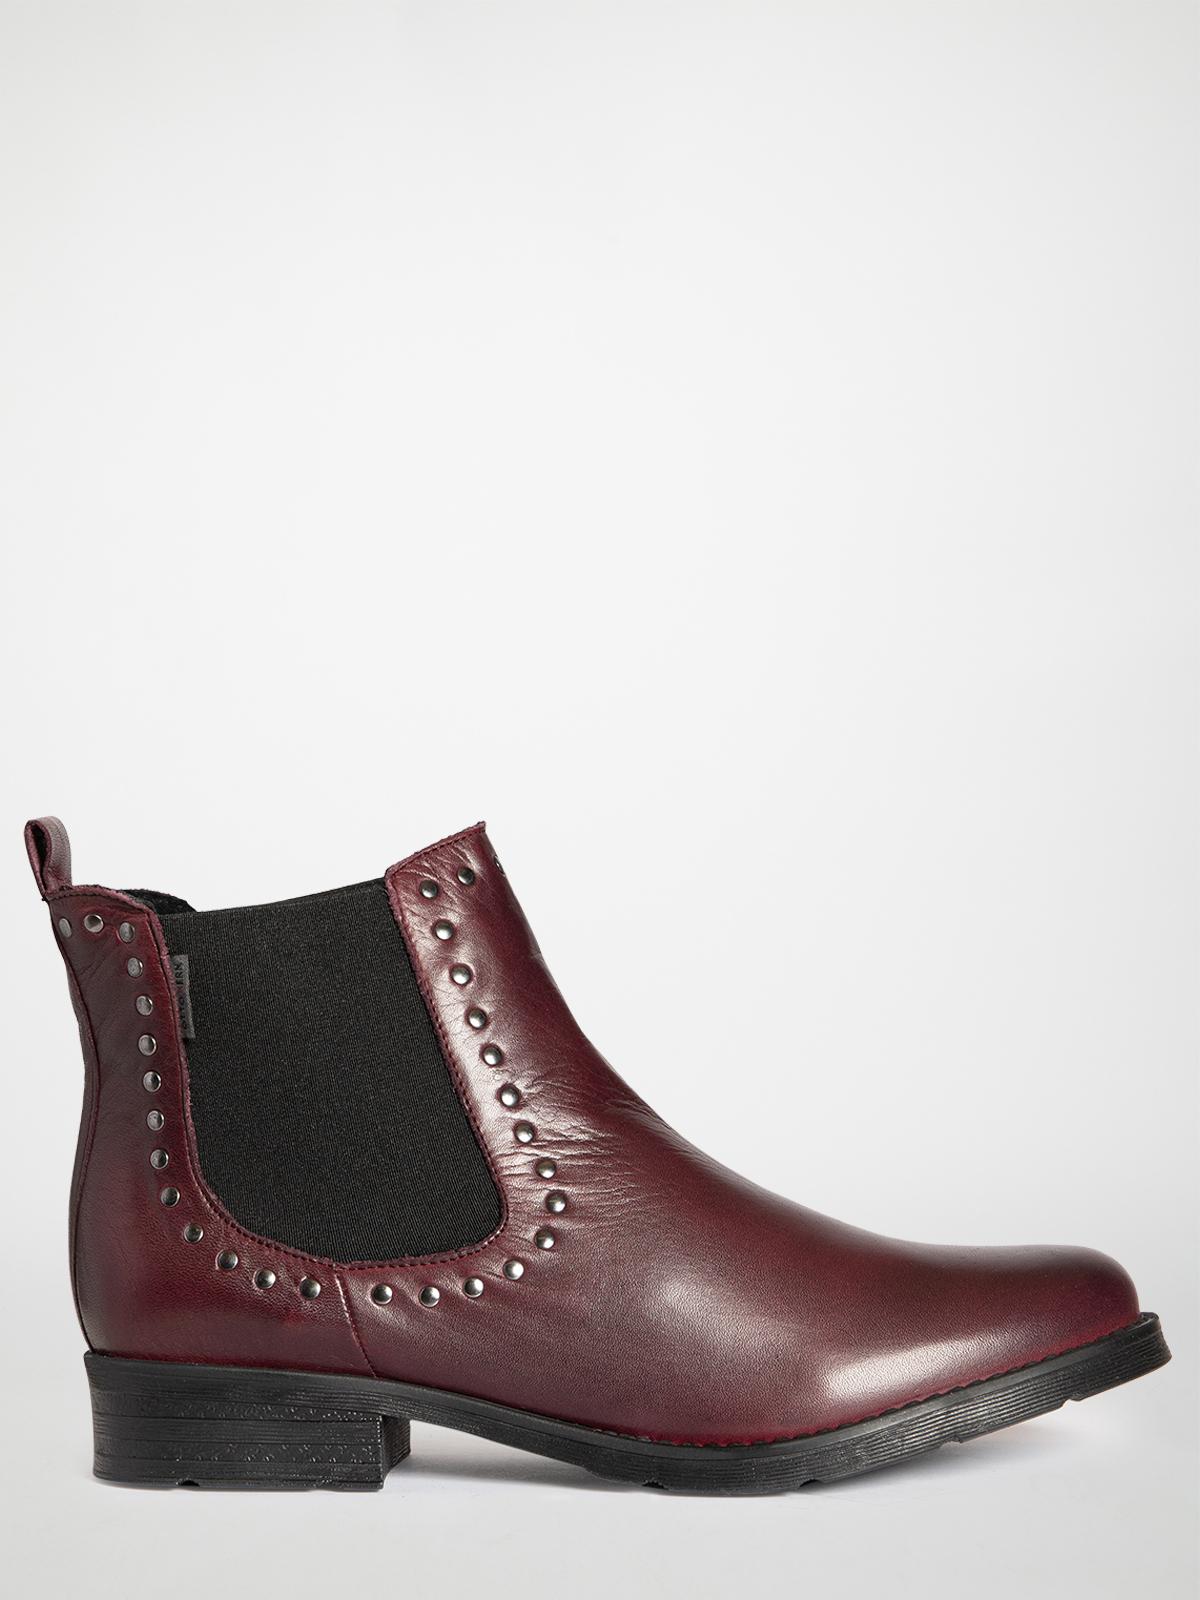 Otto Kern Chelsea boots in rood voor Dames